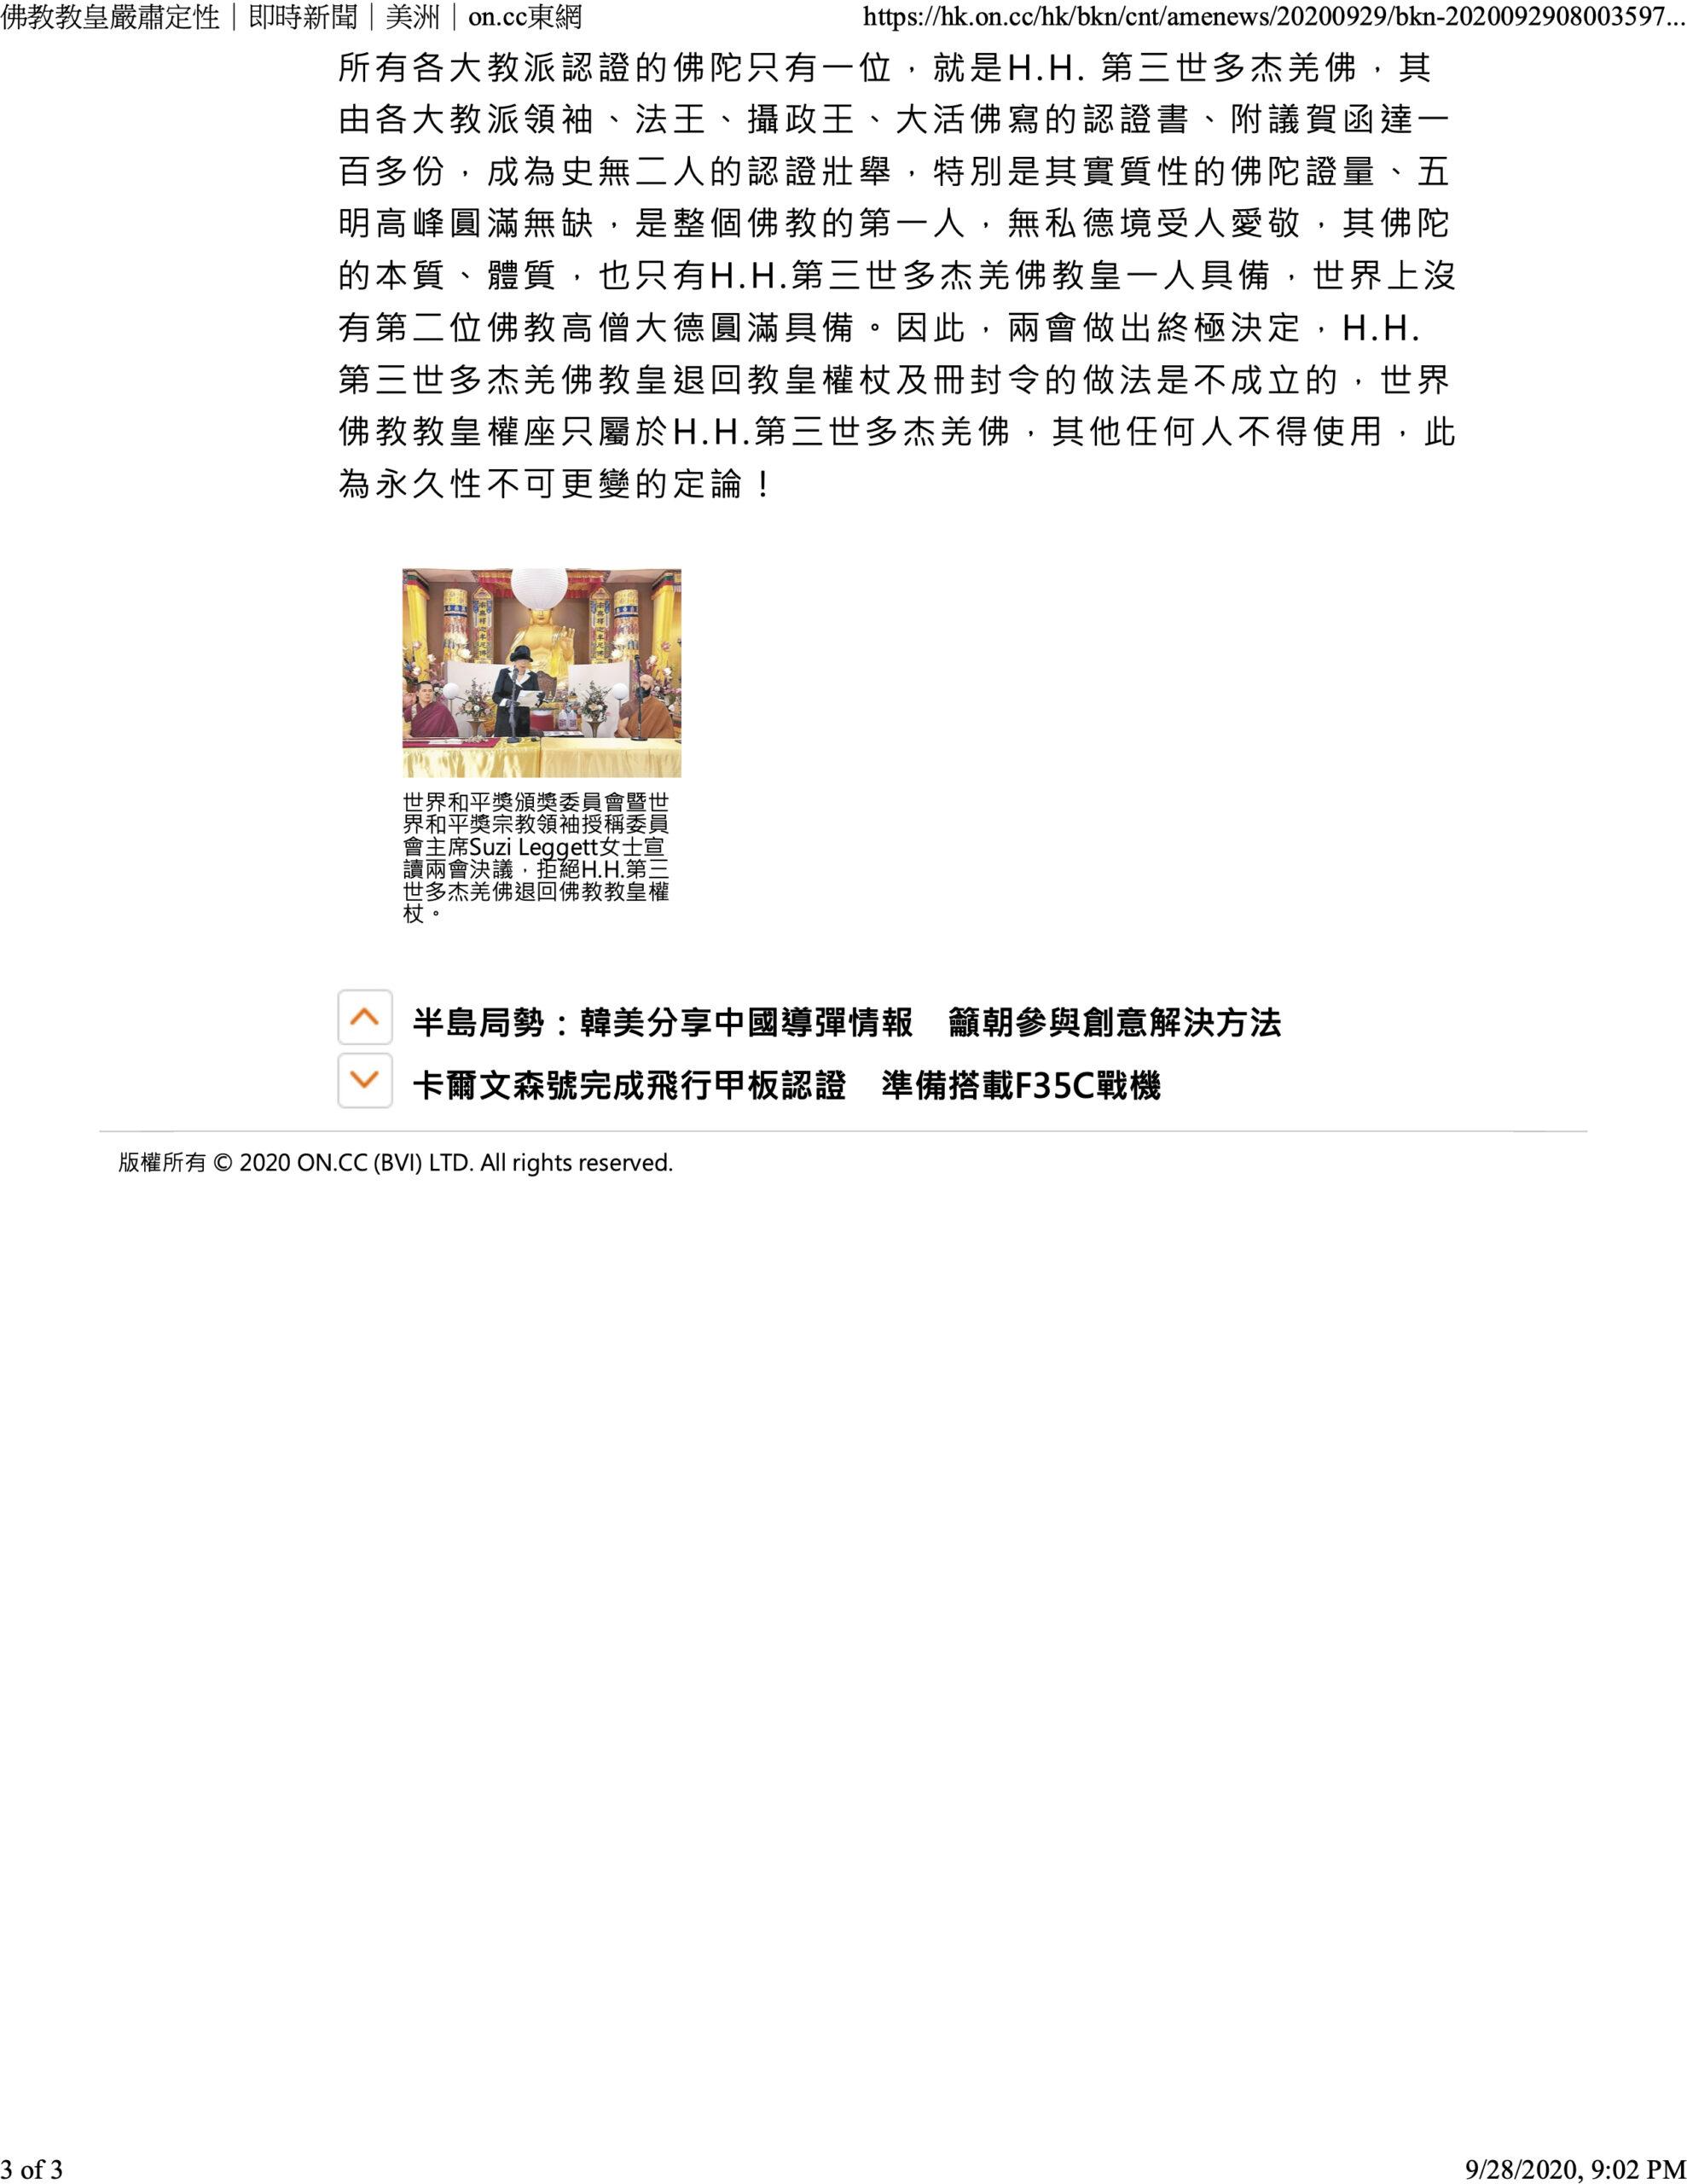 3-3 東網_佛教教皇嚴肅定性_9-29-2020